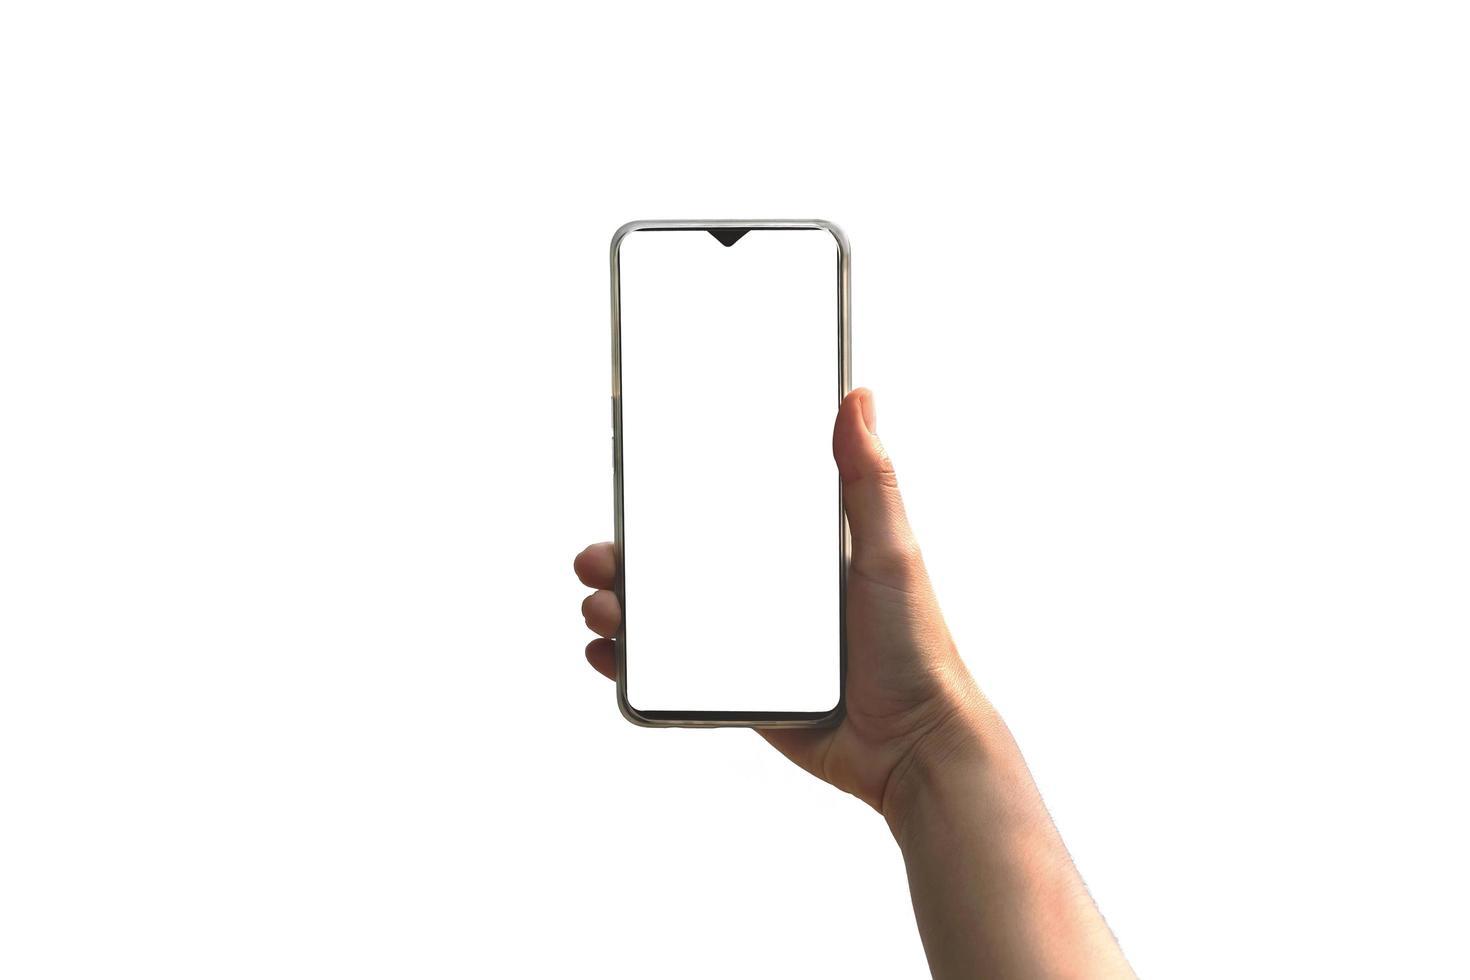 mão humana segurando um smartphone com uma tela em branco em branco sobre um branco foto